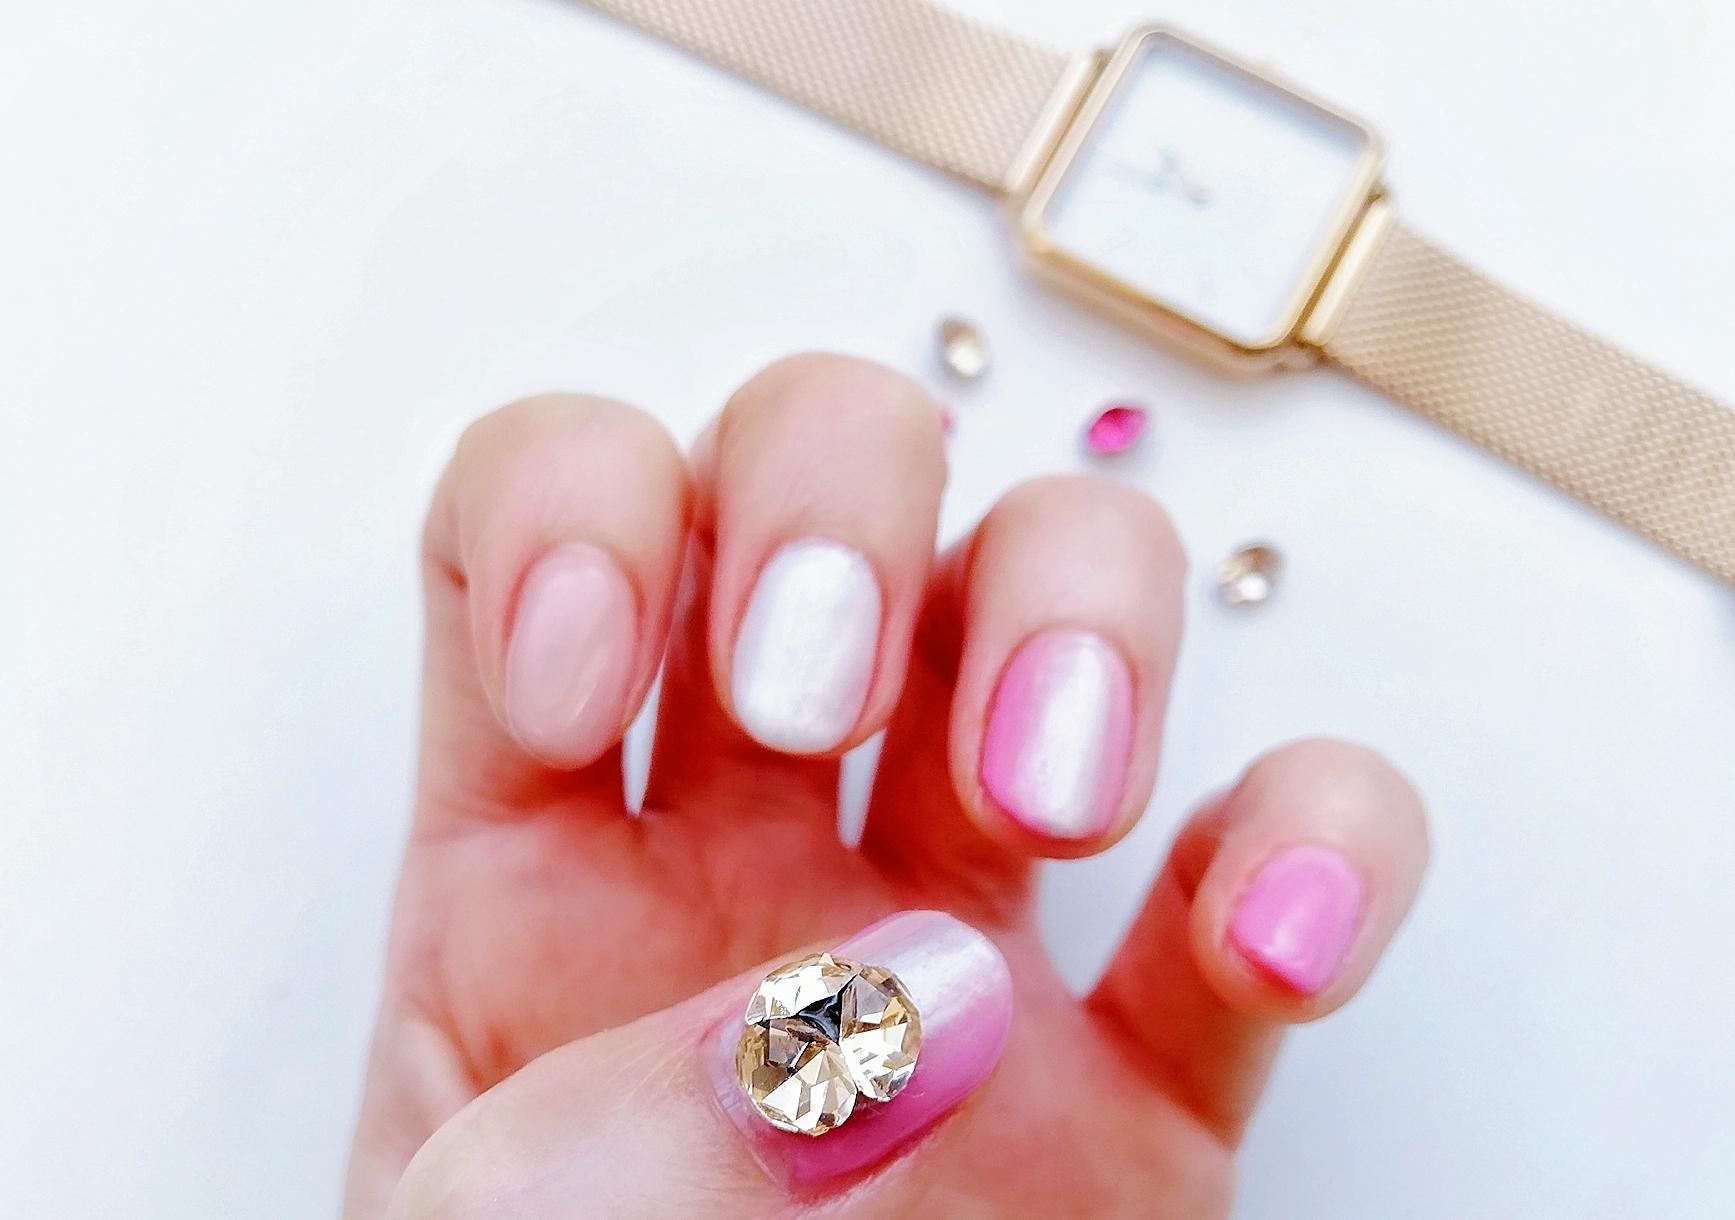 ピンクの【縦グラデーションネイル】で美爪効果アップ!!ナチュラルコスメのカラーアイテムもご紹介